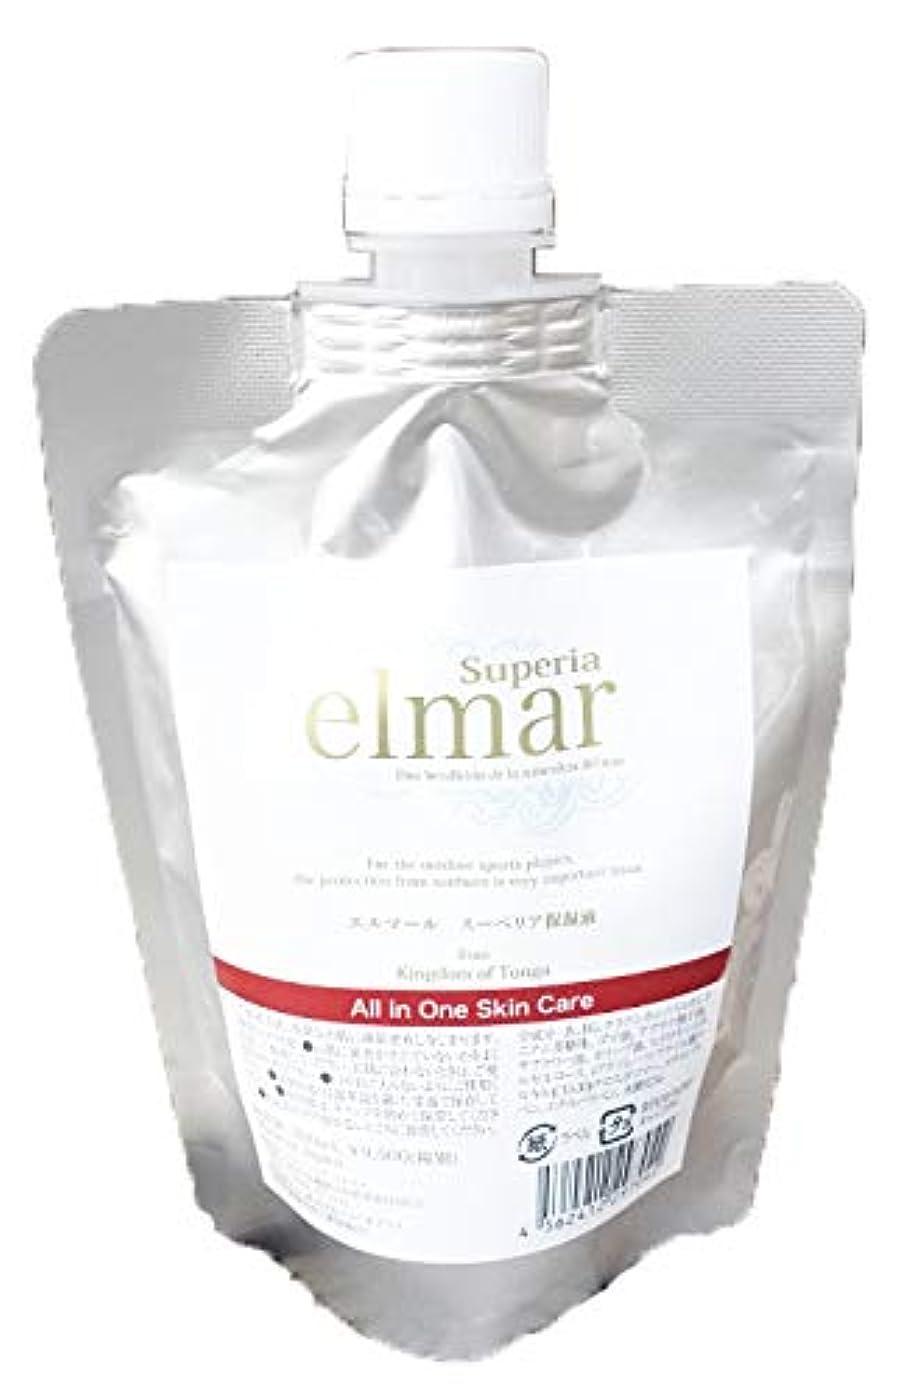 どれの配列到着するSuperia elmar(スーペリア エルマール) 詰め替え用 200ml スキンケア 多機能保湿液